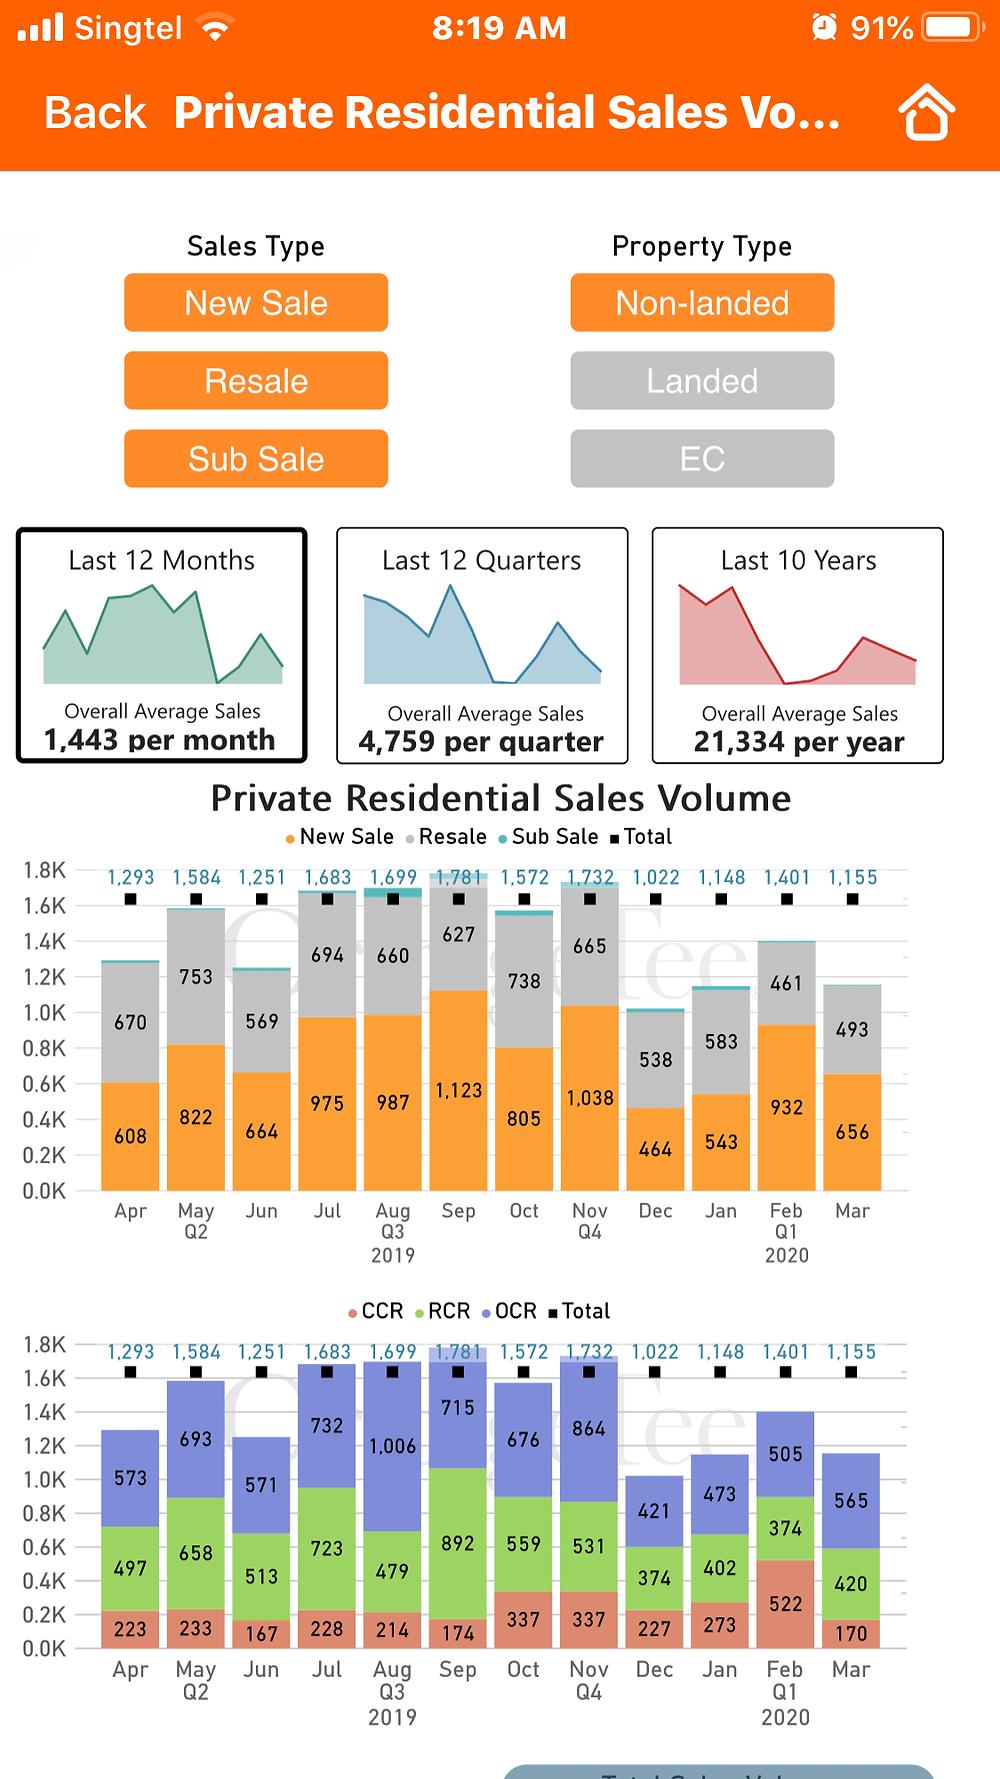 Analytic Suite OrangeTee App